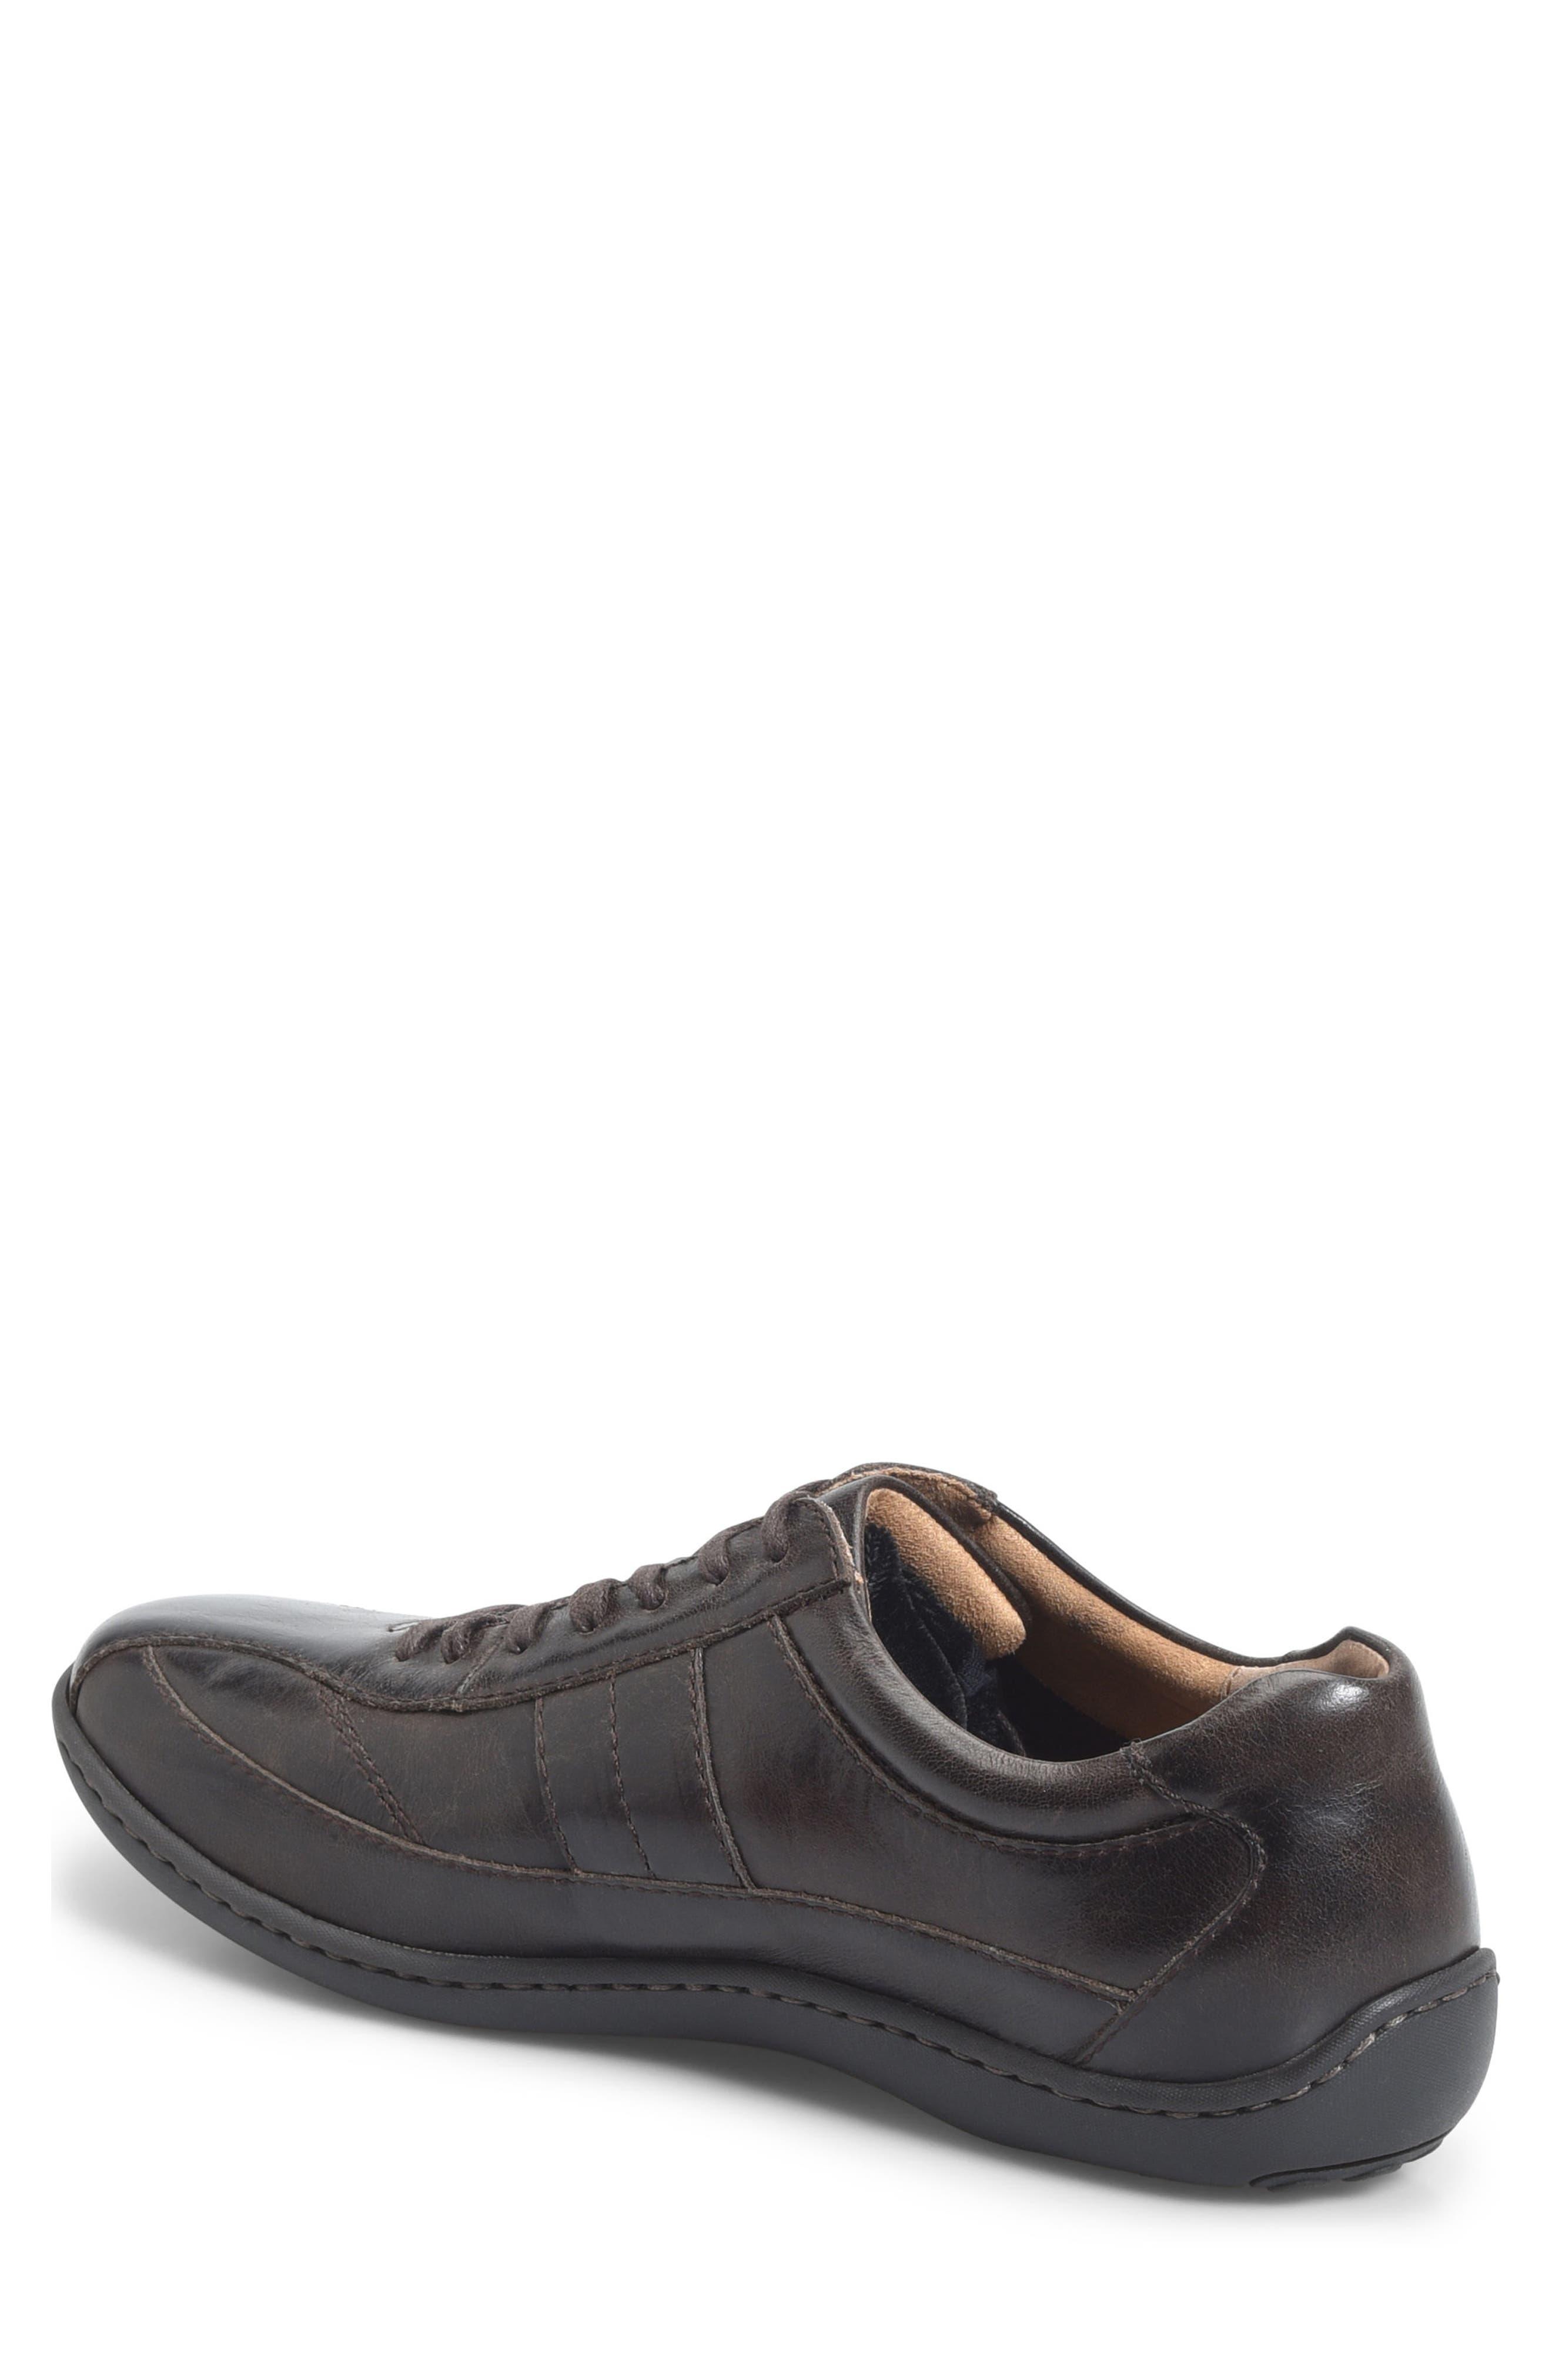 Alternate Image 2  - Børn Breves Low Top Sneaker (Men)